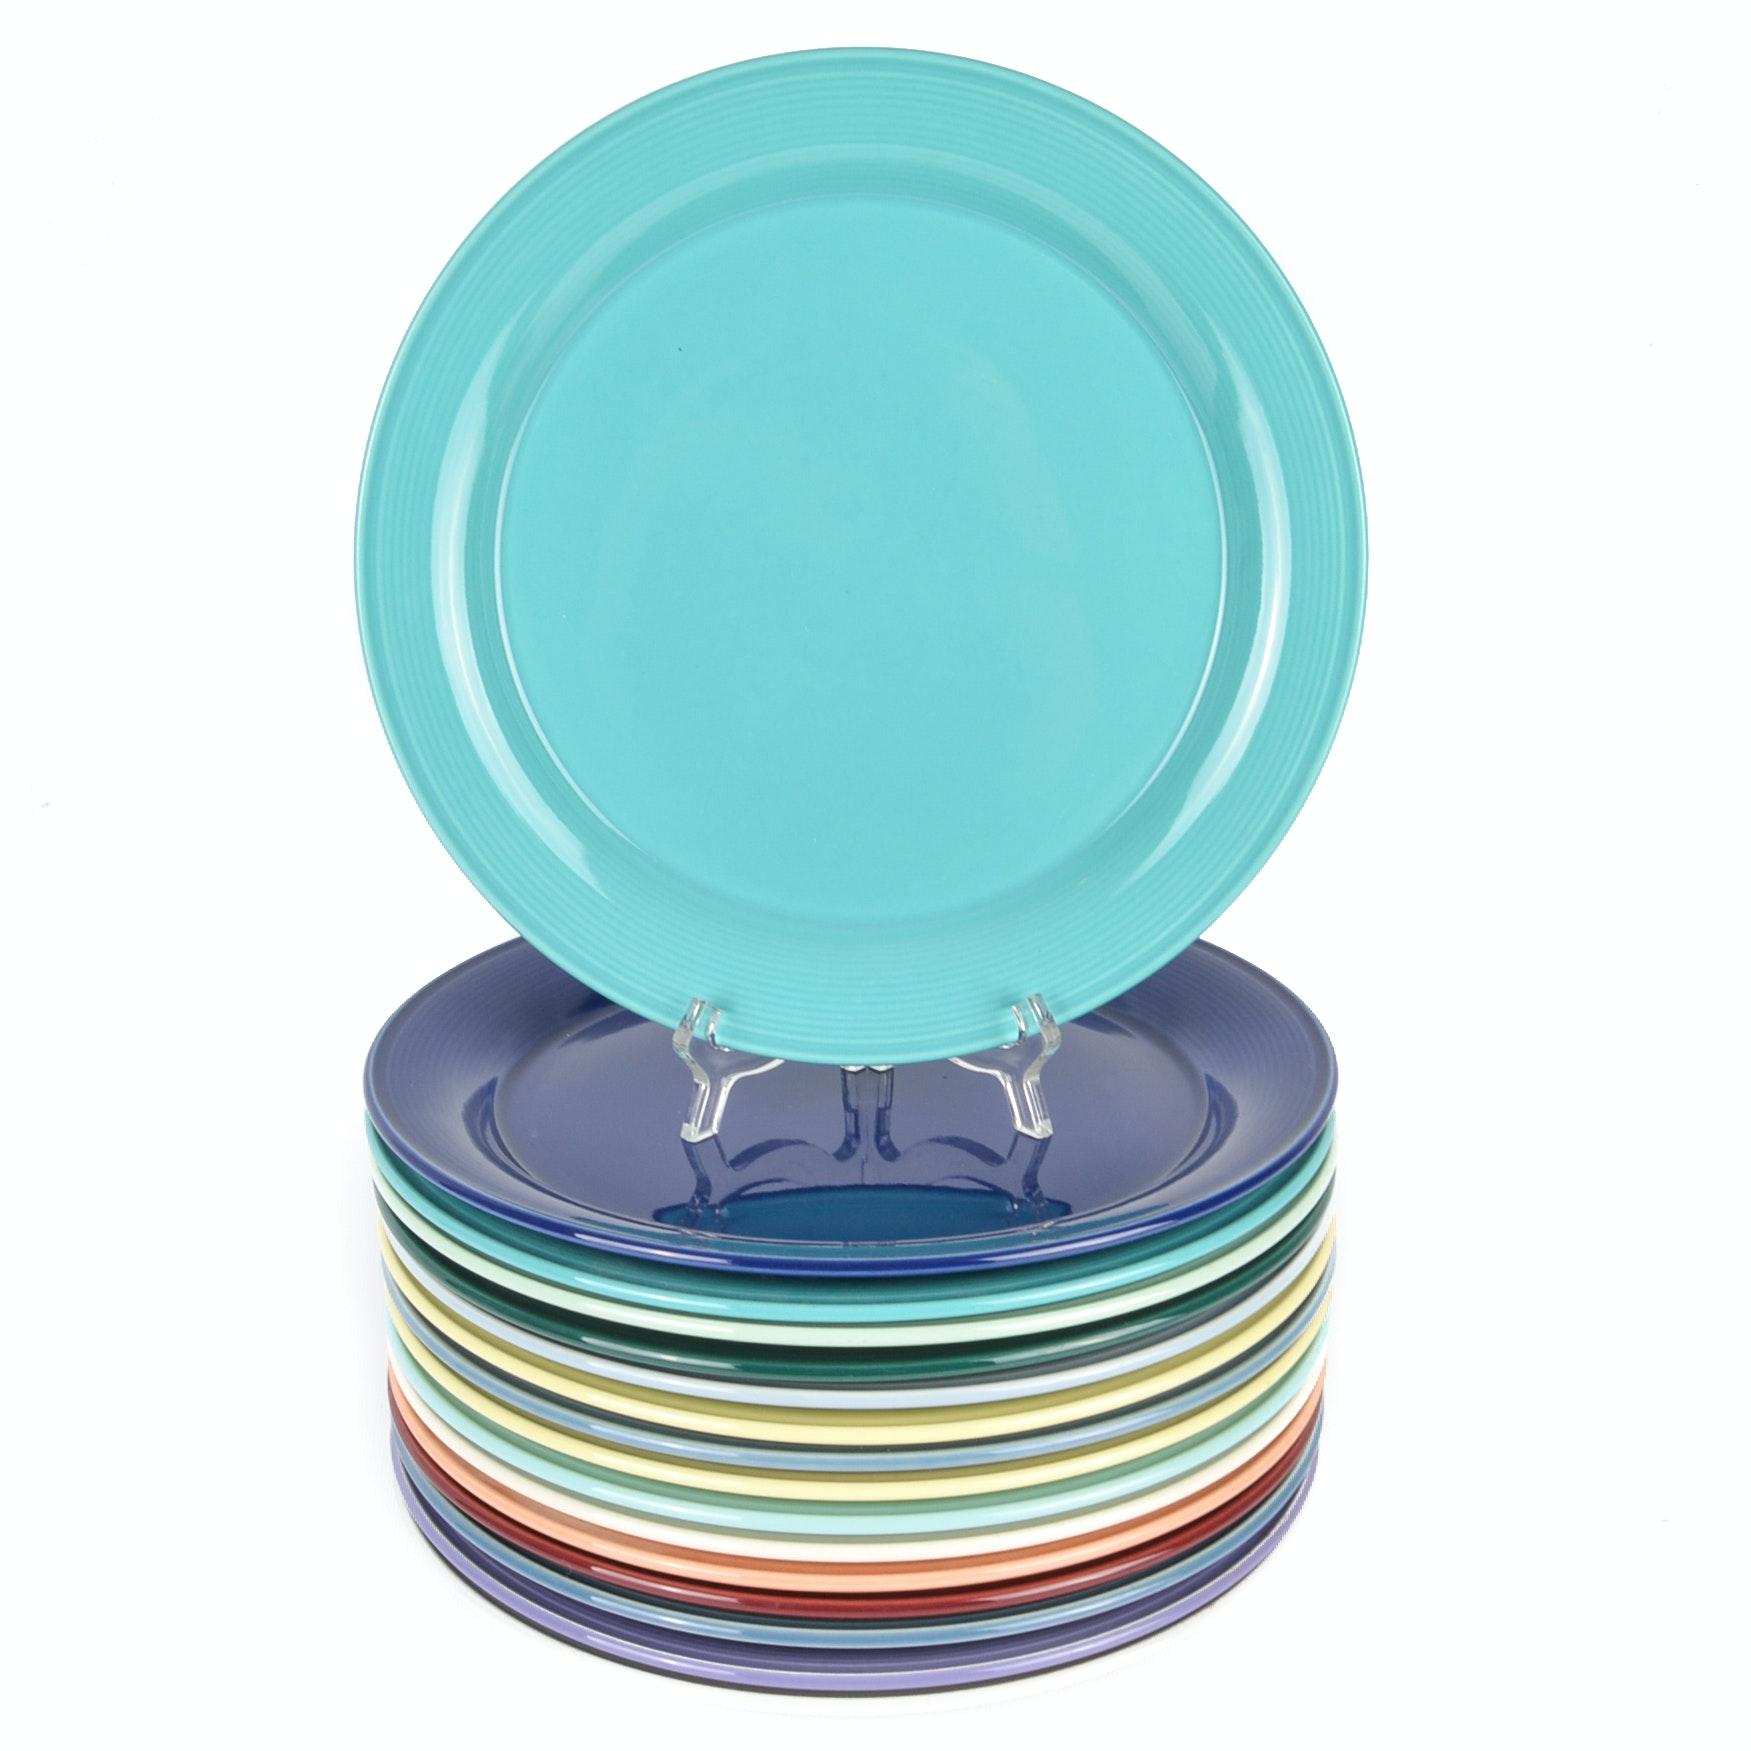 Nancy Calhoun Dinner Plates ...  sc 1 st  EBTH.com & Nancy Calhoun Dinner Plates : EBTH